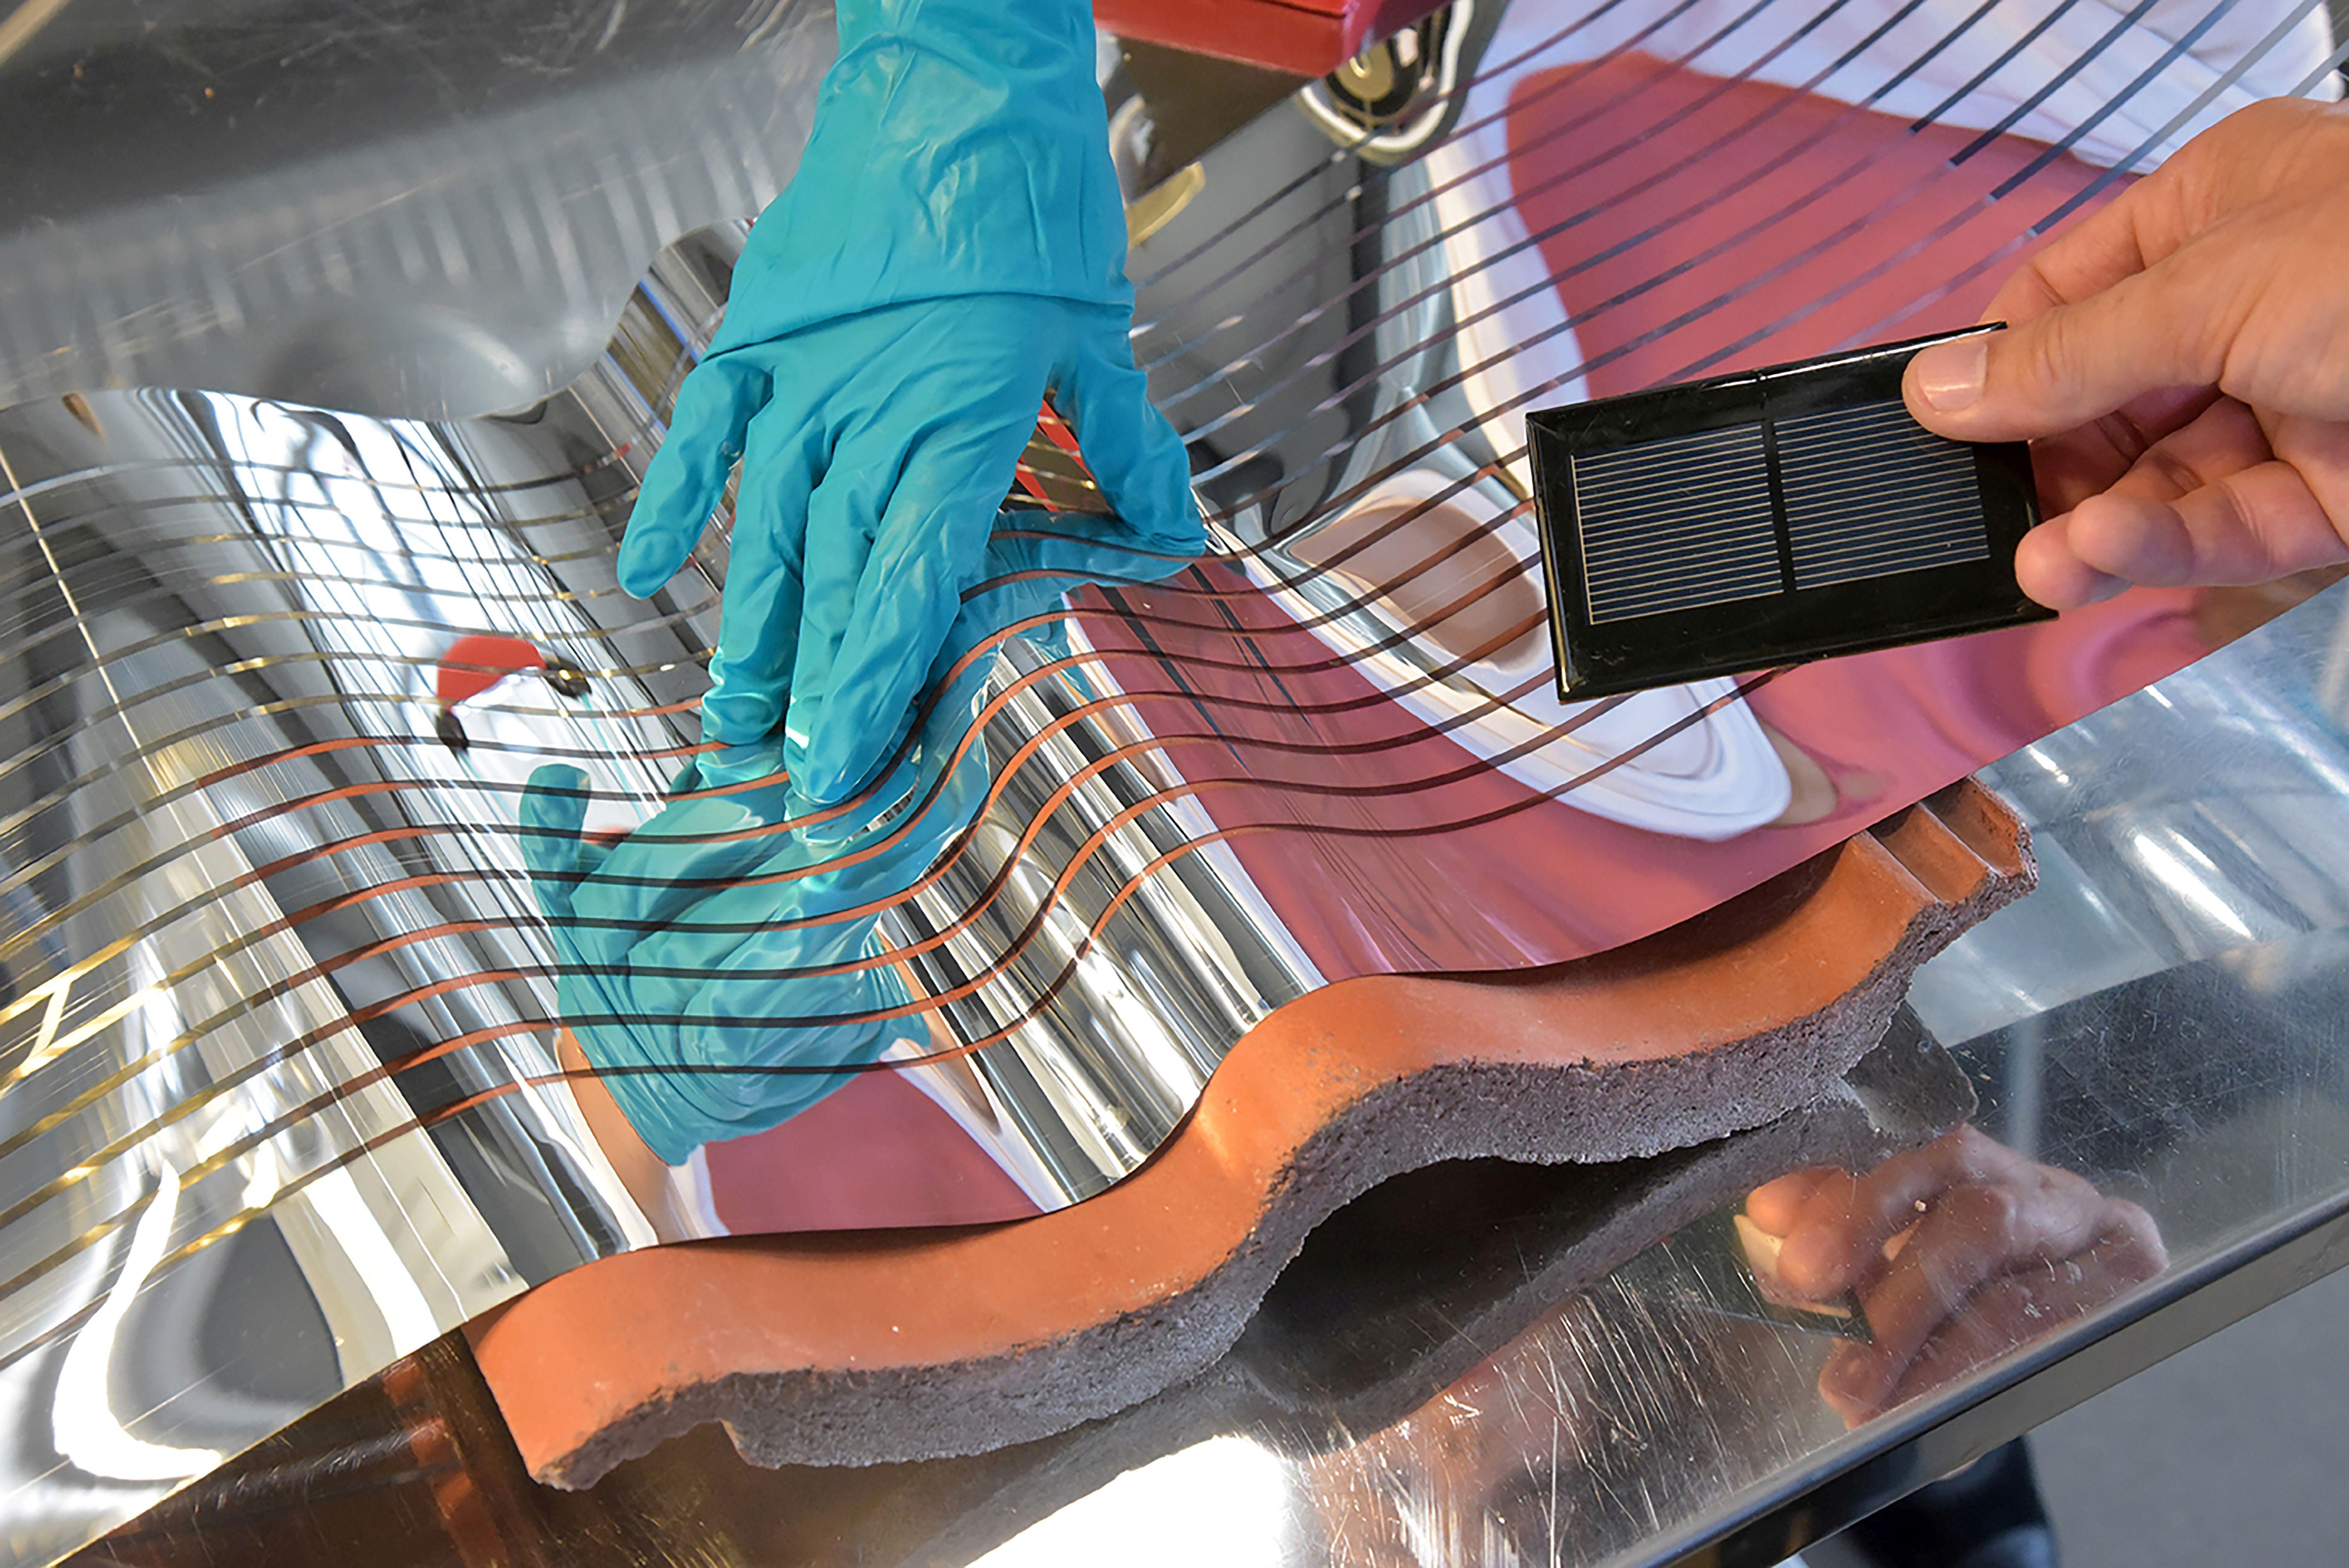 Arbeitstagung Zu Flexiblen Solarzellen Und Leds Auf Der Energiemesse